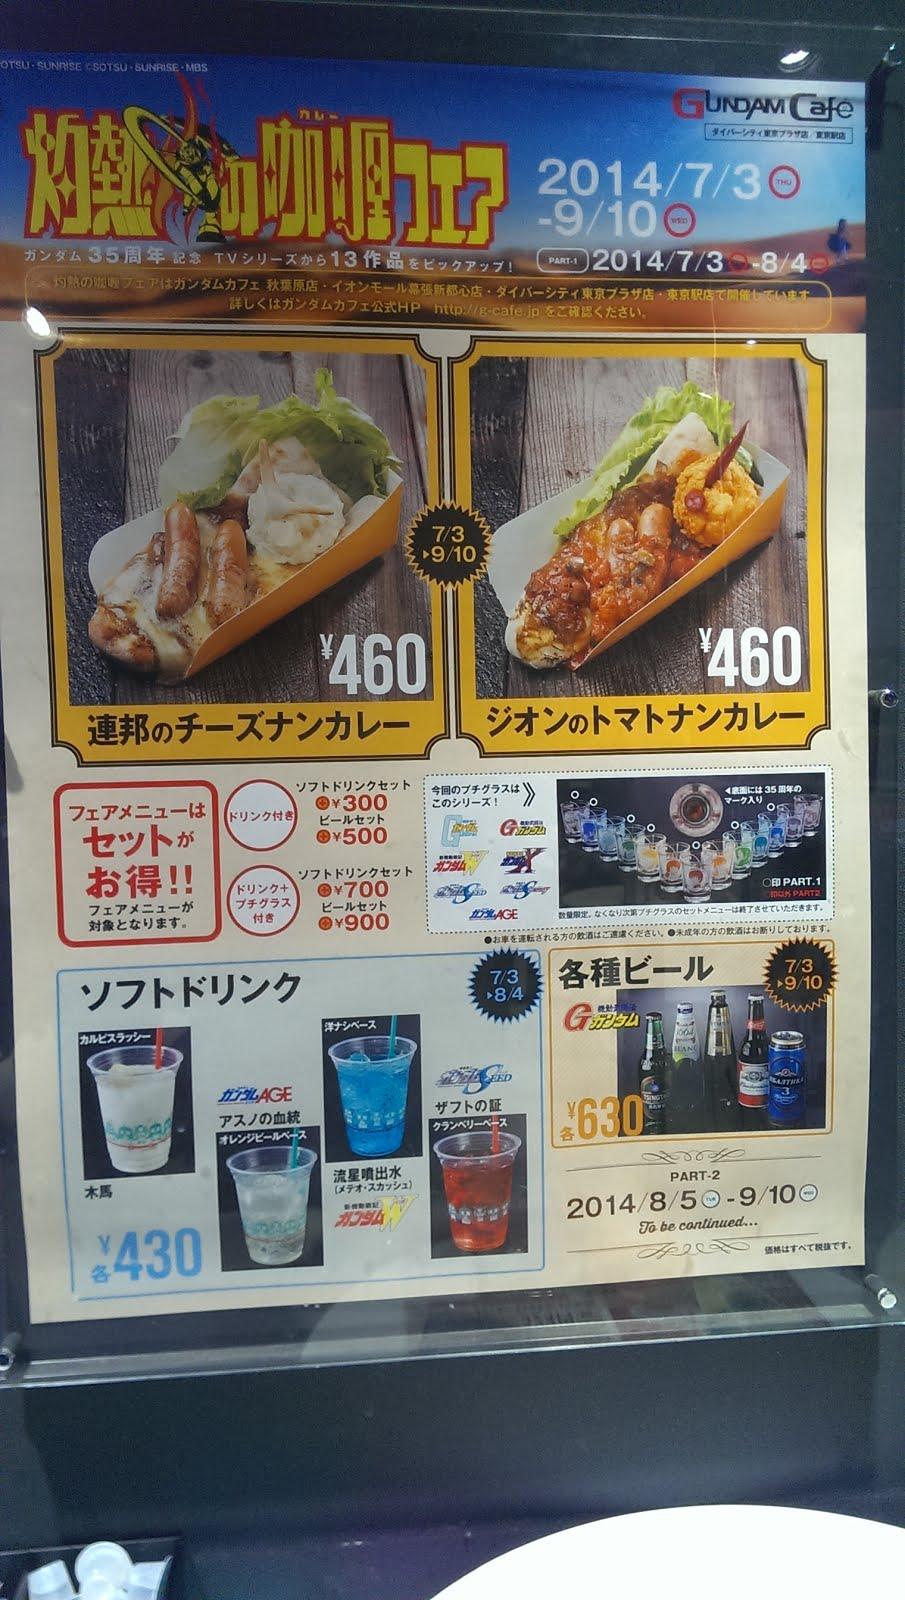 2014-07-24 16.25.01.jpg